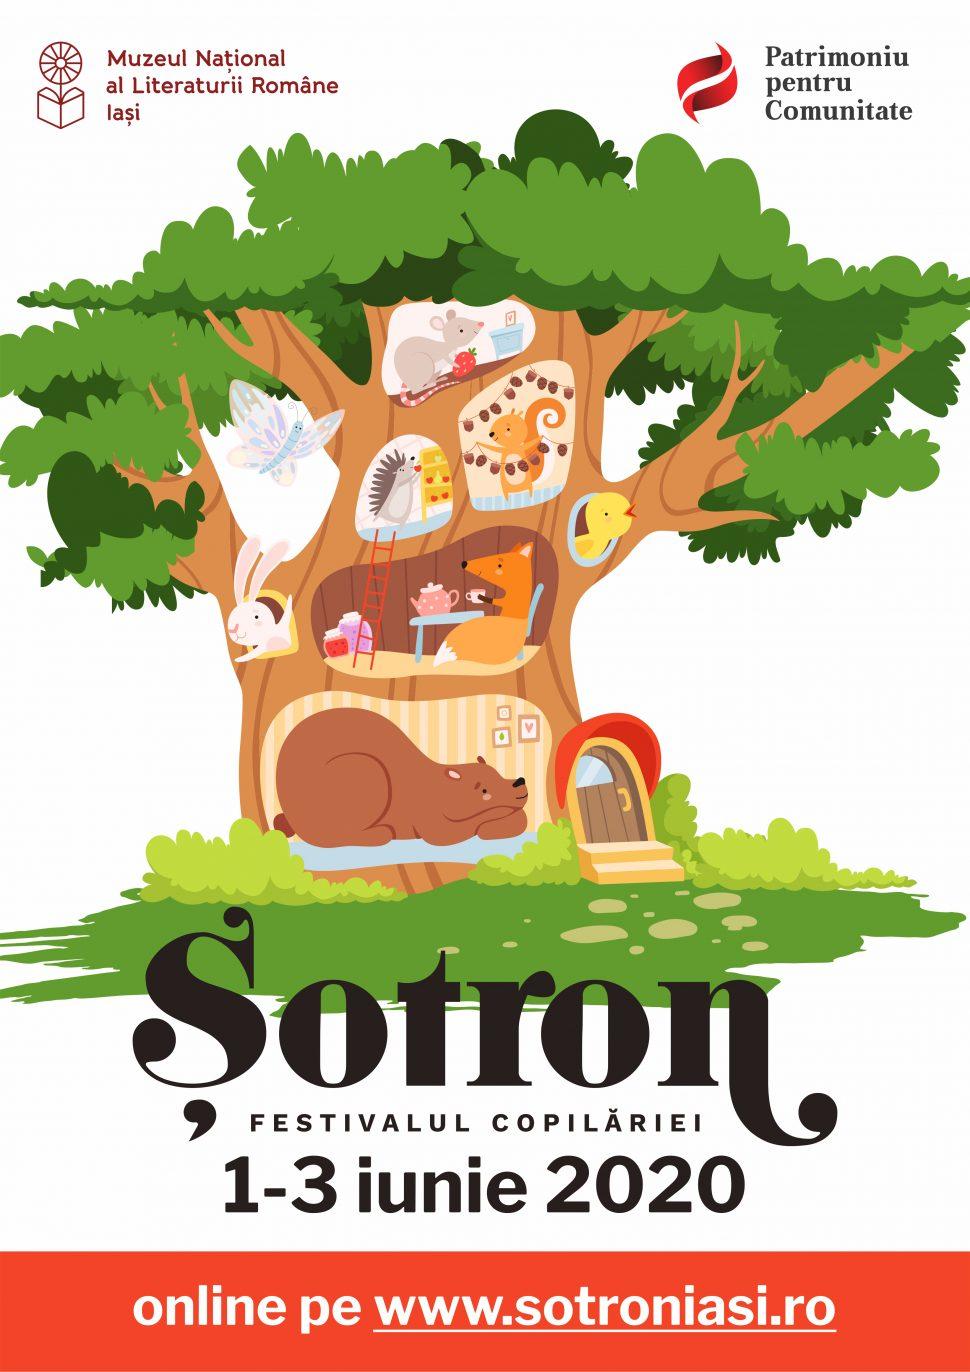 Șotron. Festivalul copilăriei, hub online pentru cei mici